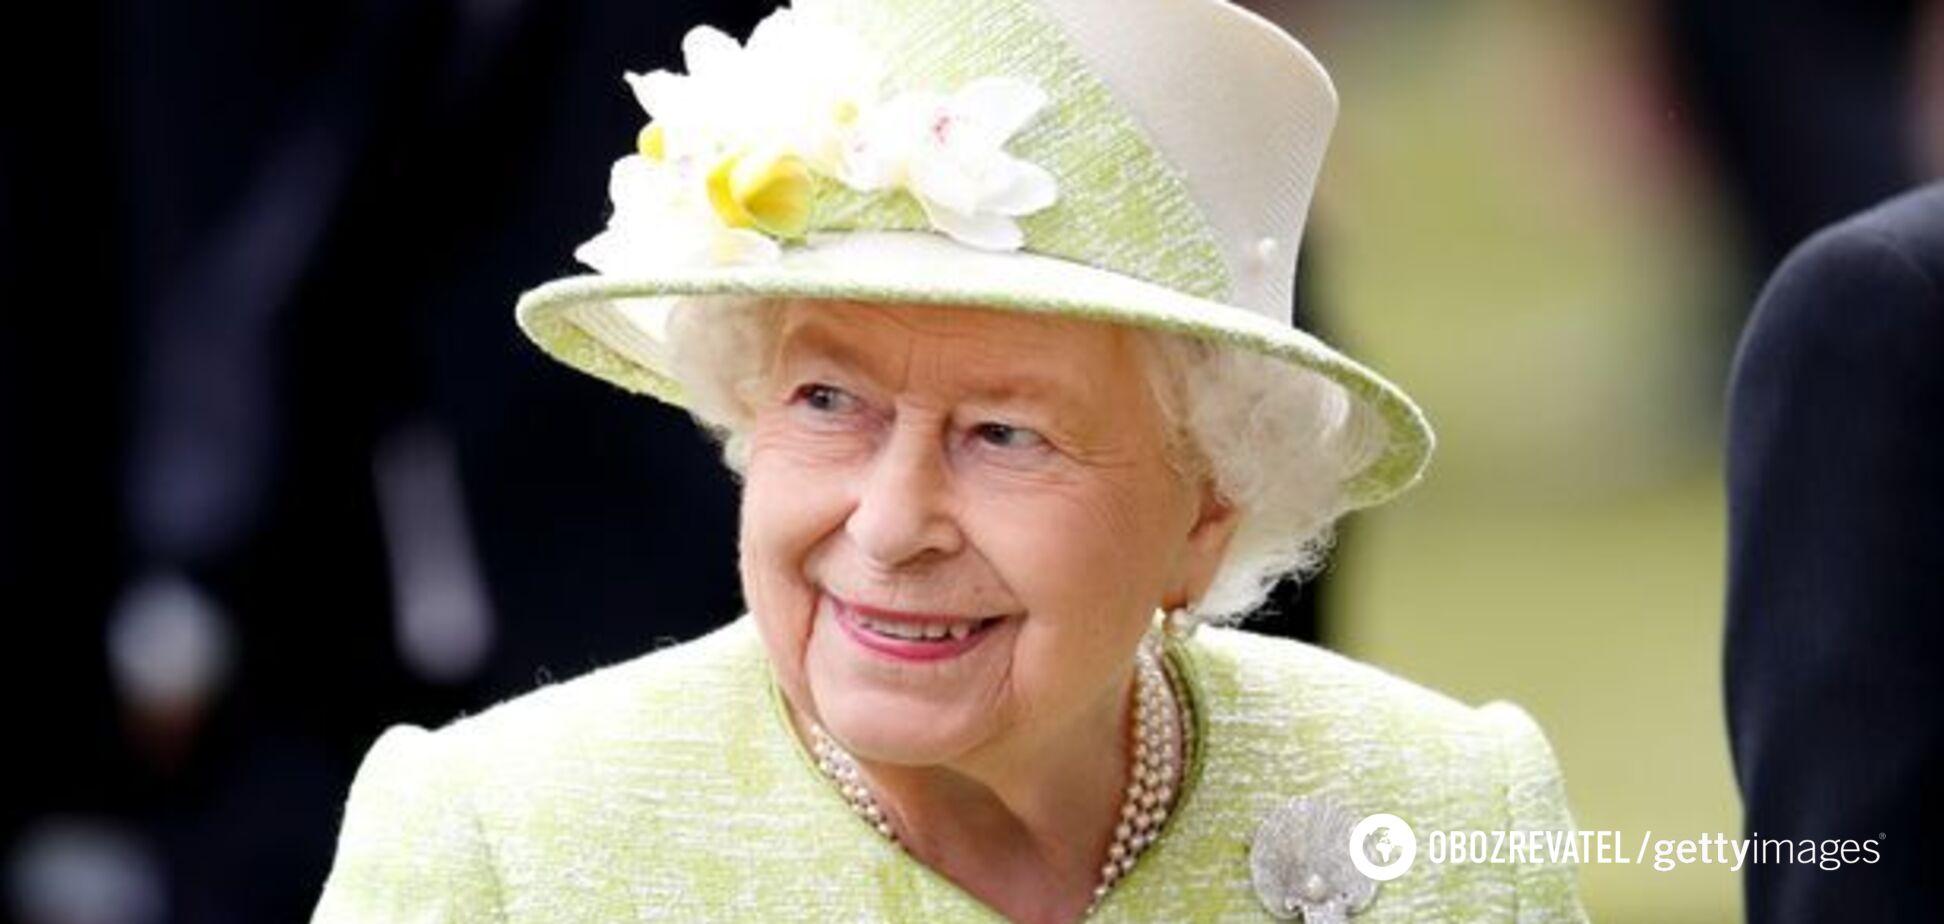 Елизавета II вынуждена прятать любимые шоколадные конфеты в своей спальне из-за «жадной семьи»